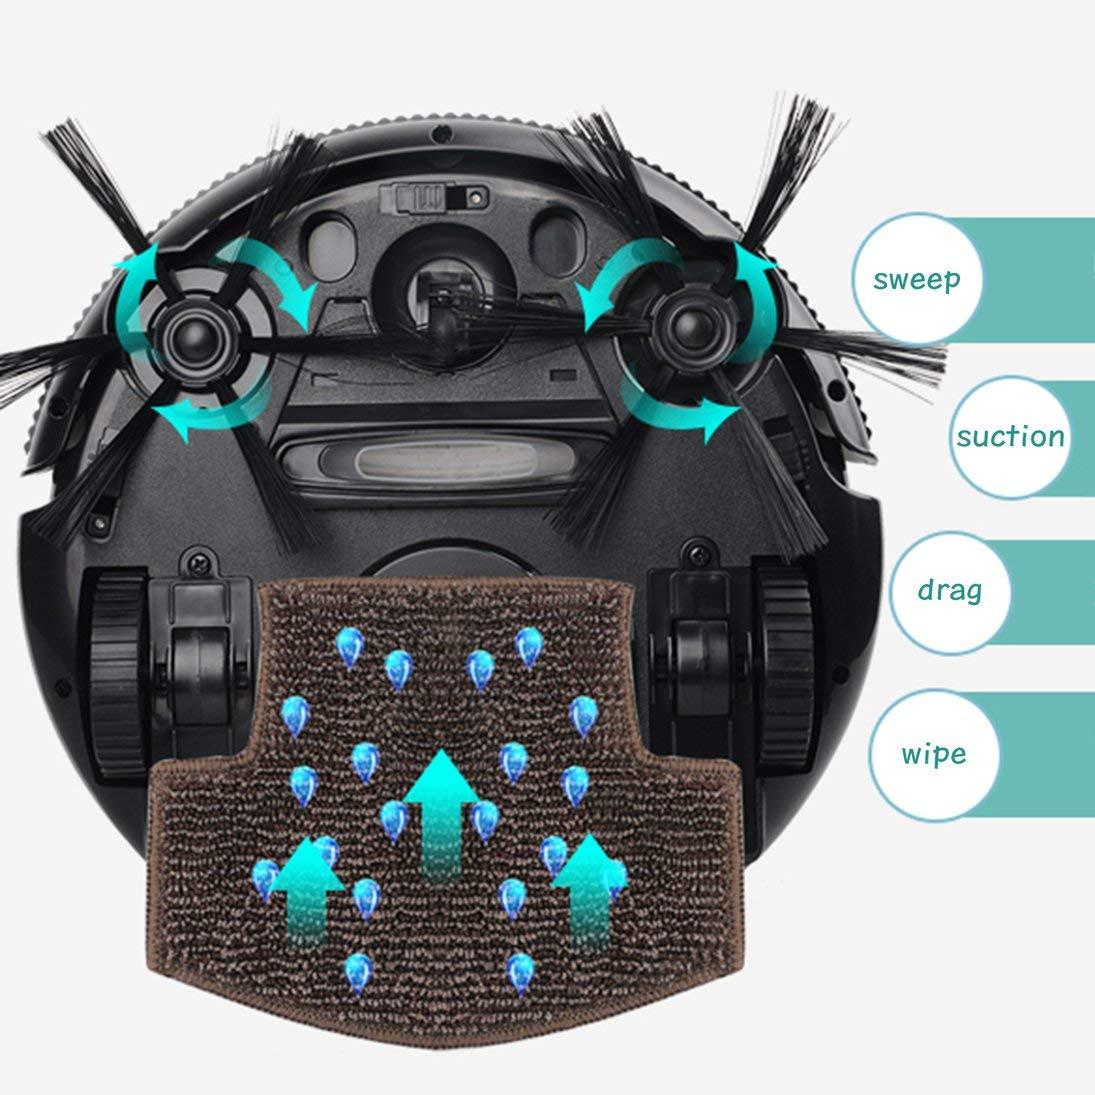 Aspirador inteligente Robot de barrido automático Limpiador ultrafino ultra fino: Amazon.es: Hogar